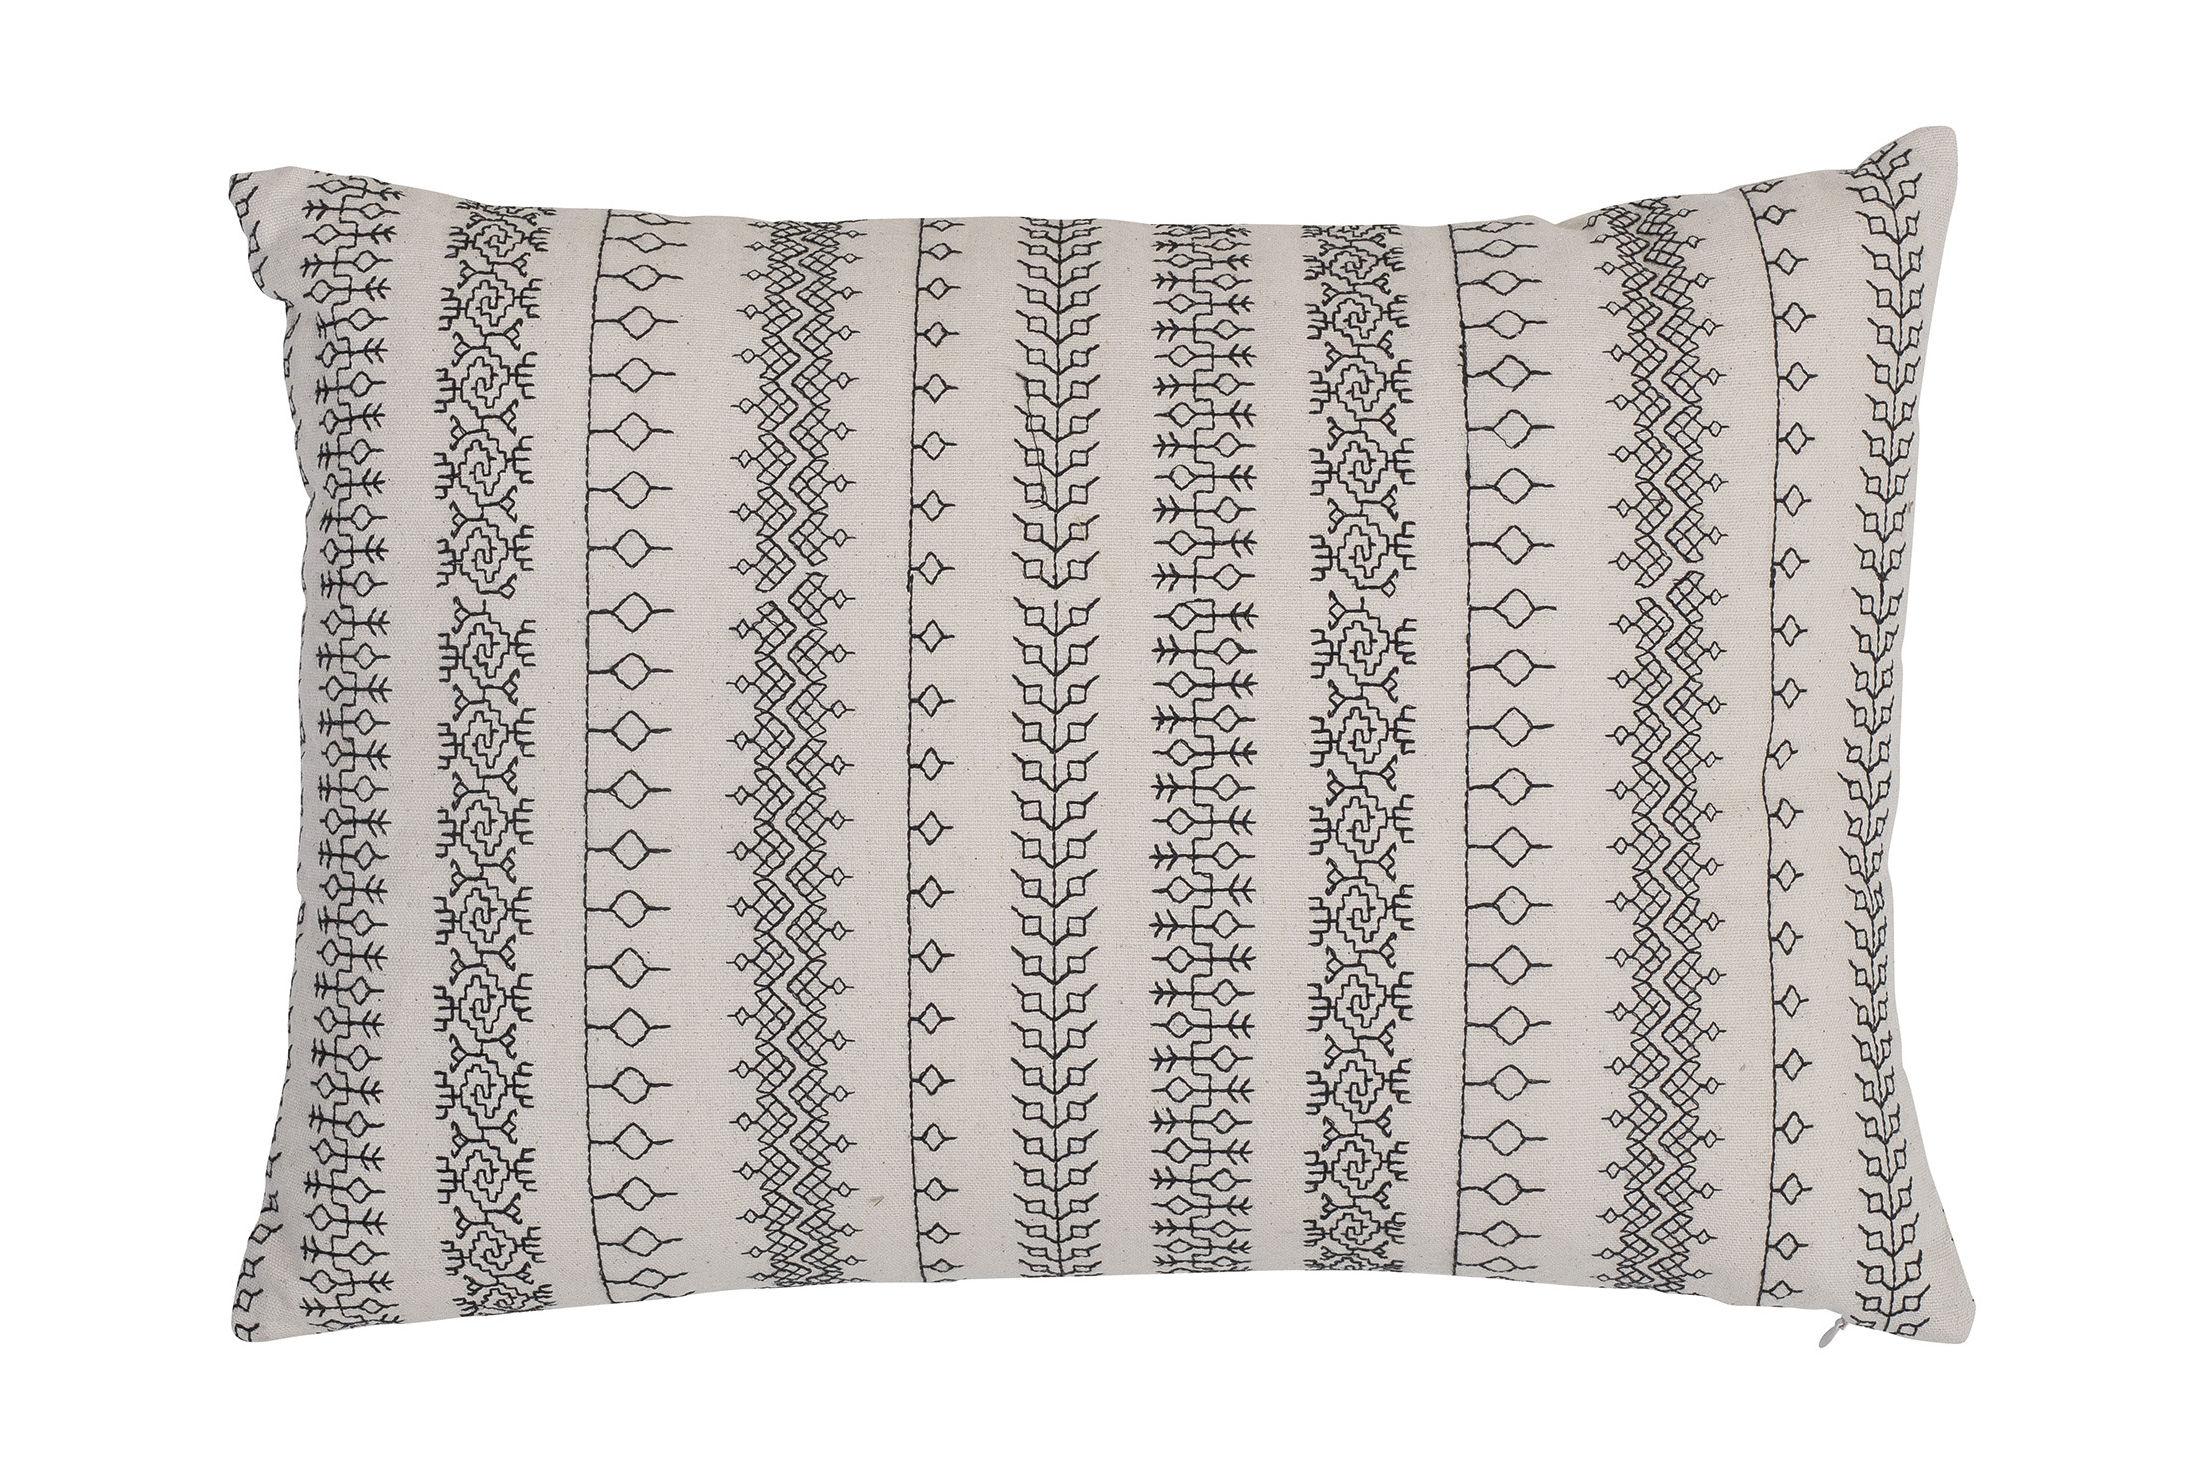 Dekoration - Kissen - Kissen / 35 x 50 cm - Baumwolle - Bloomingville - Schwarz & weiß - Baumwolle, Polyesterfaser